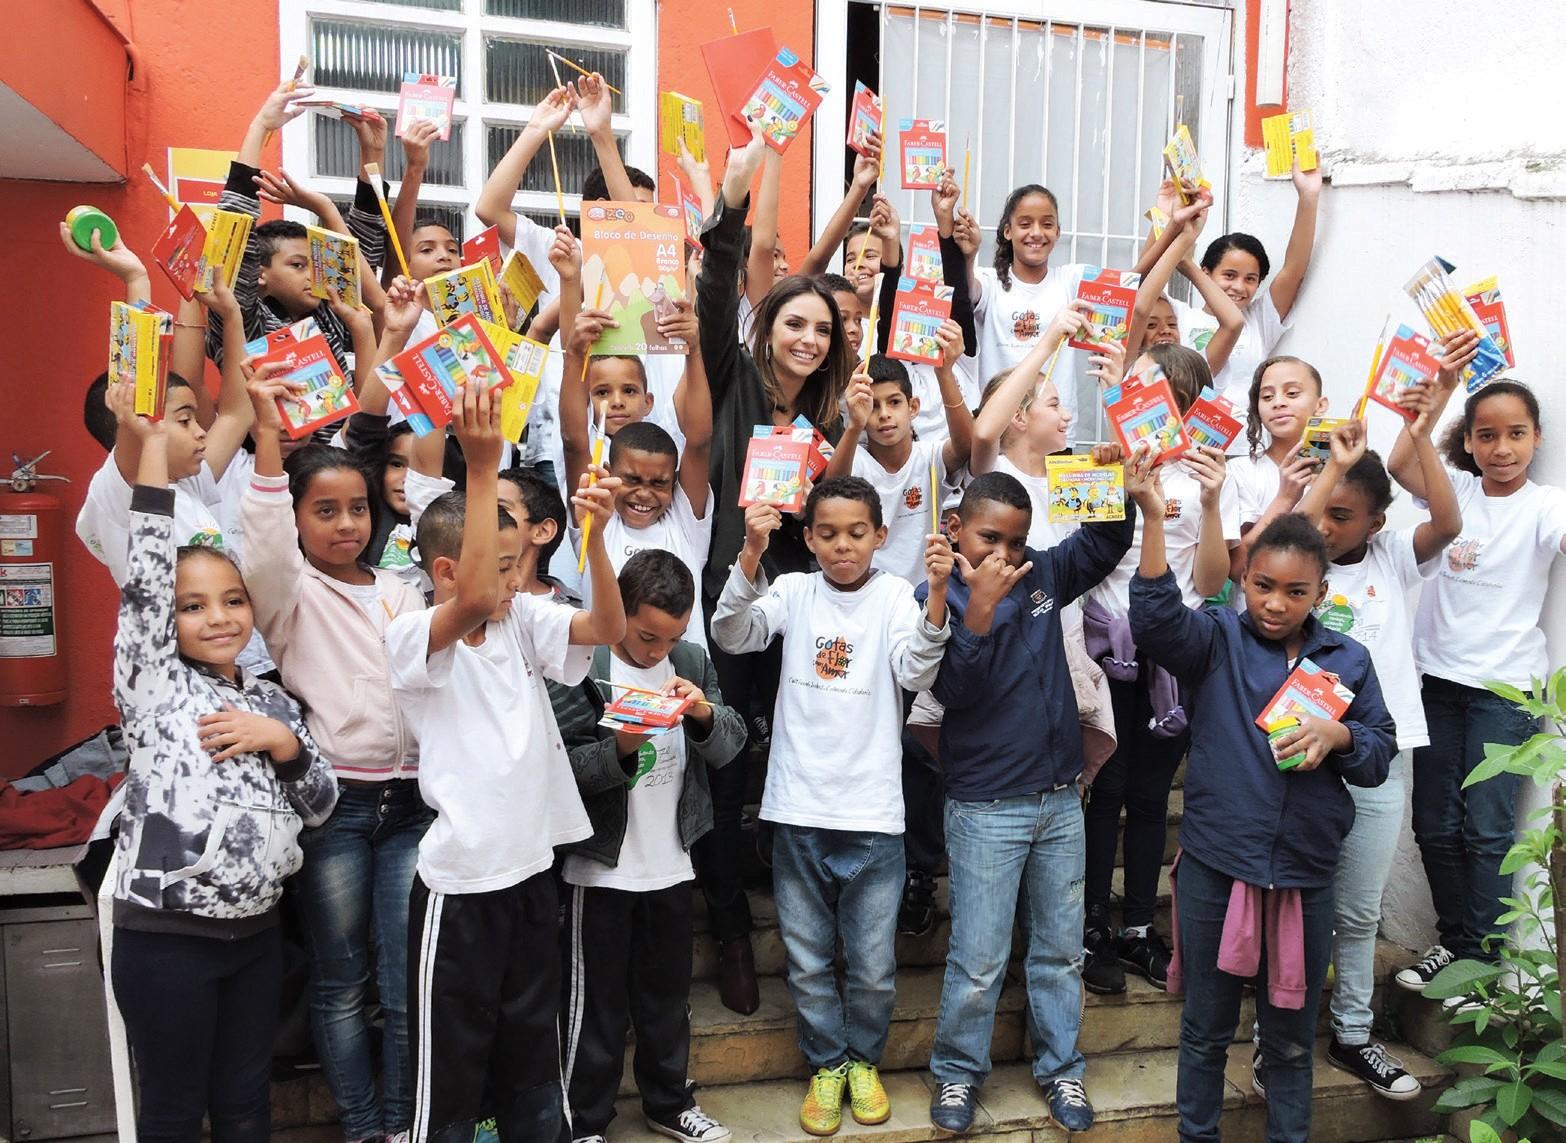 Caroline em dia de entrega de material escolar na ONG Gotas de Flor com Amor, que oferece aulas de informática, artes e esportes (Foto: Carolina Vianna)